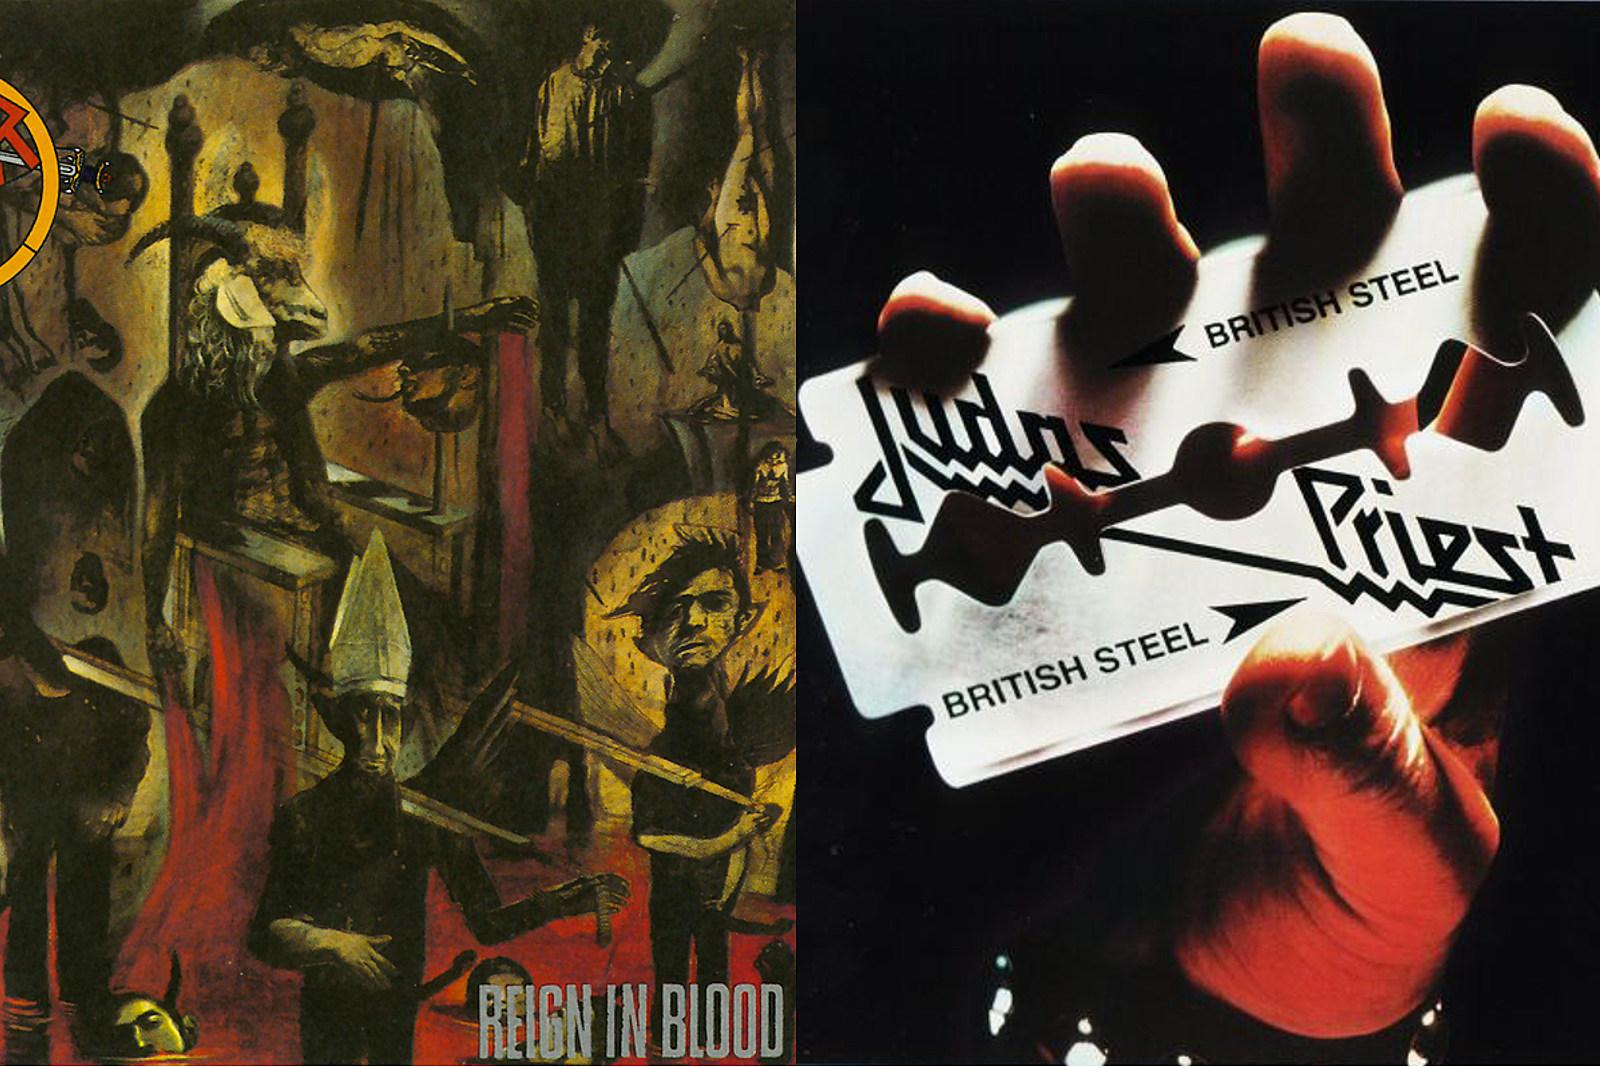 When Parents Blamed Judas Priest For Fans' Suicide Attempt